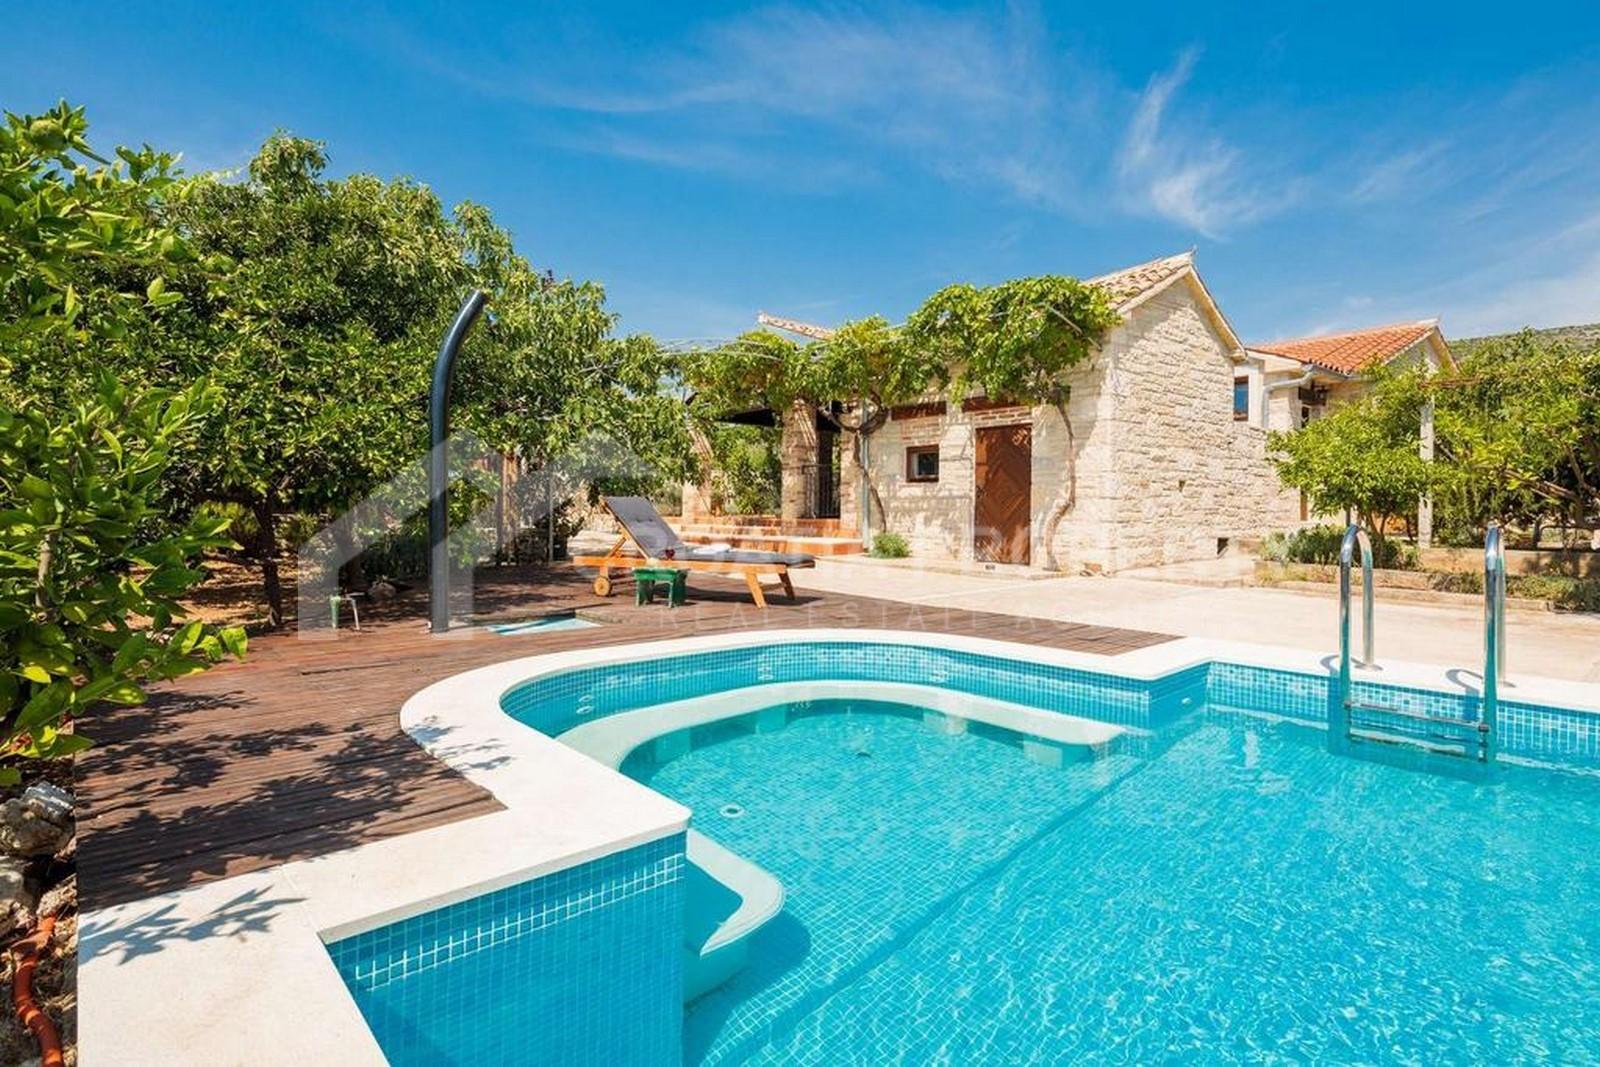 Villa with pool near Marina